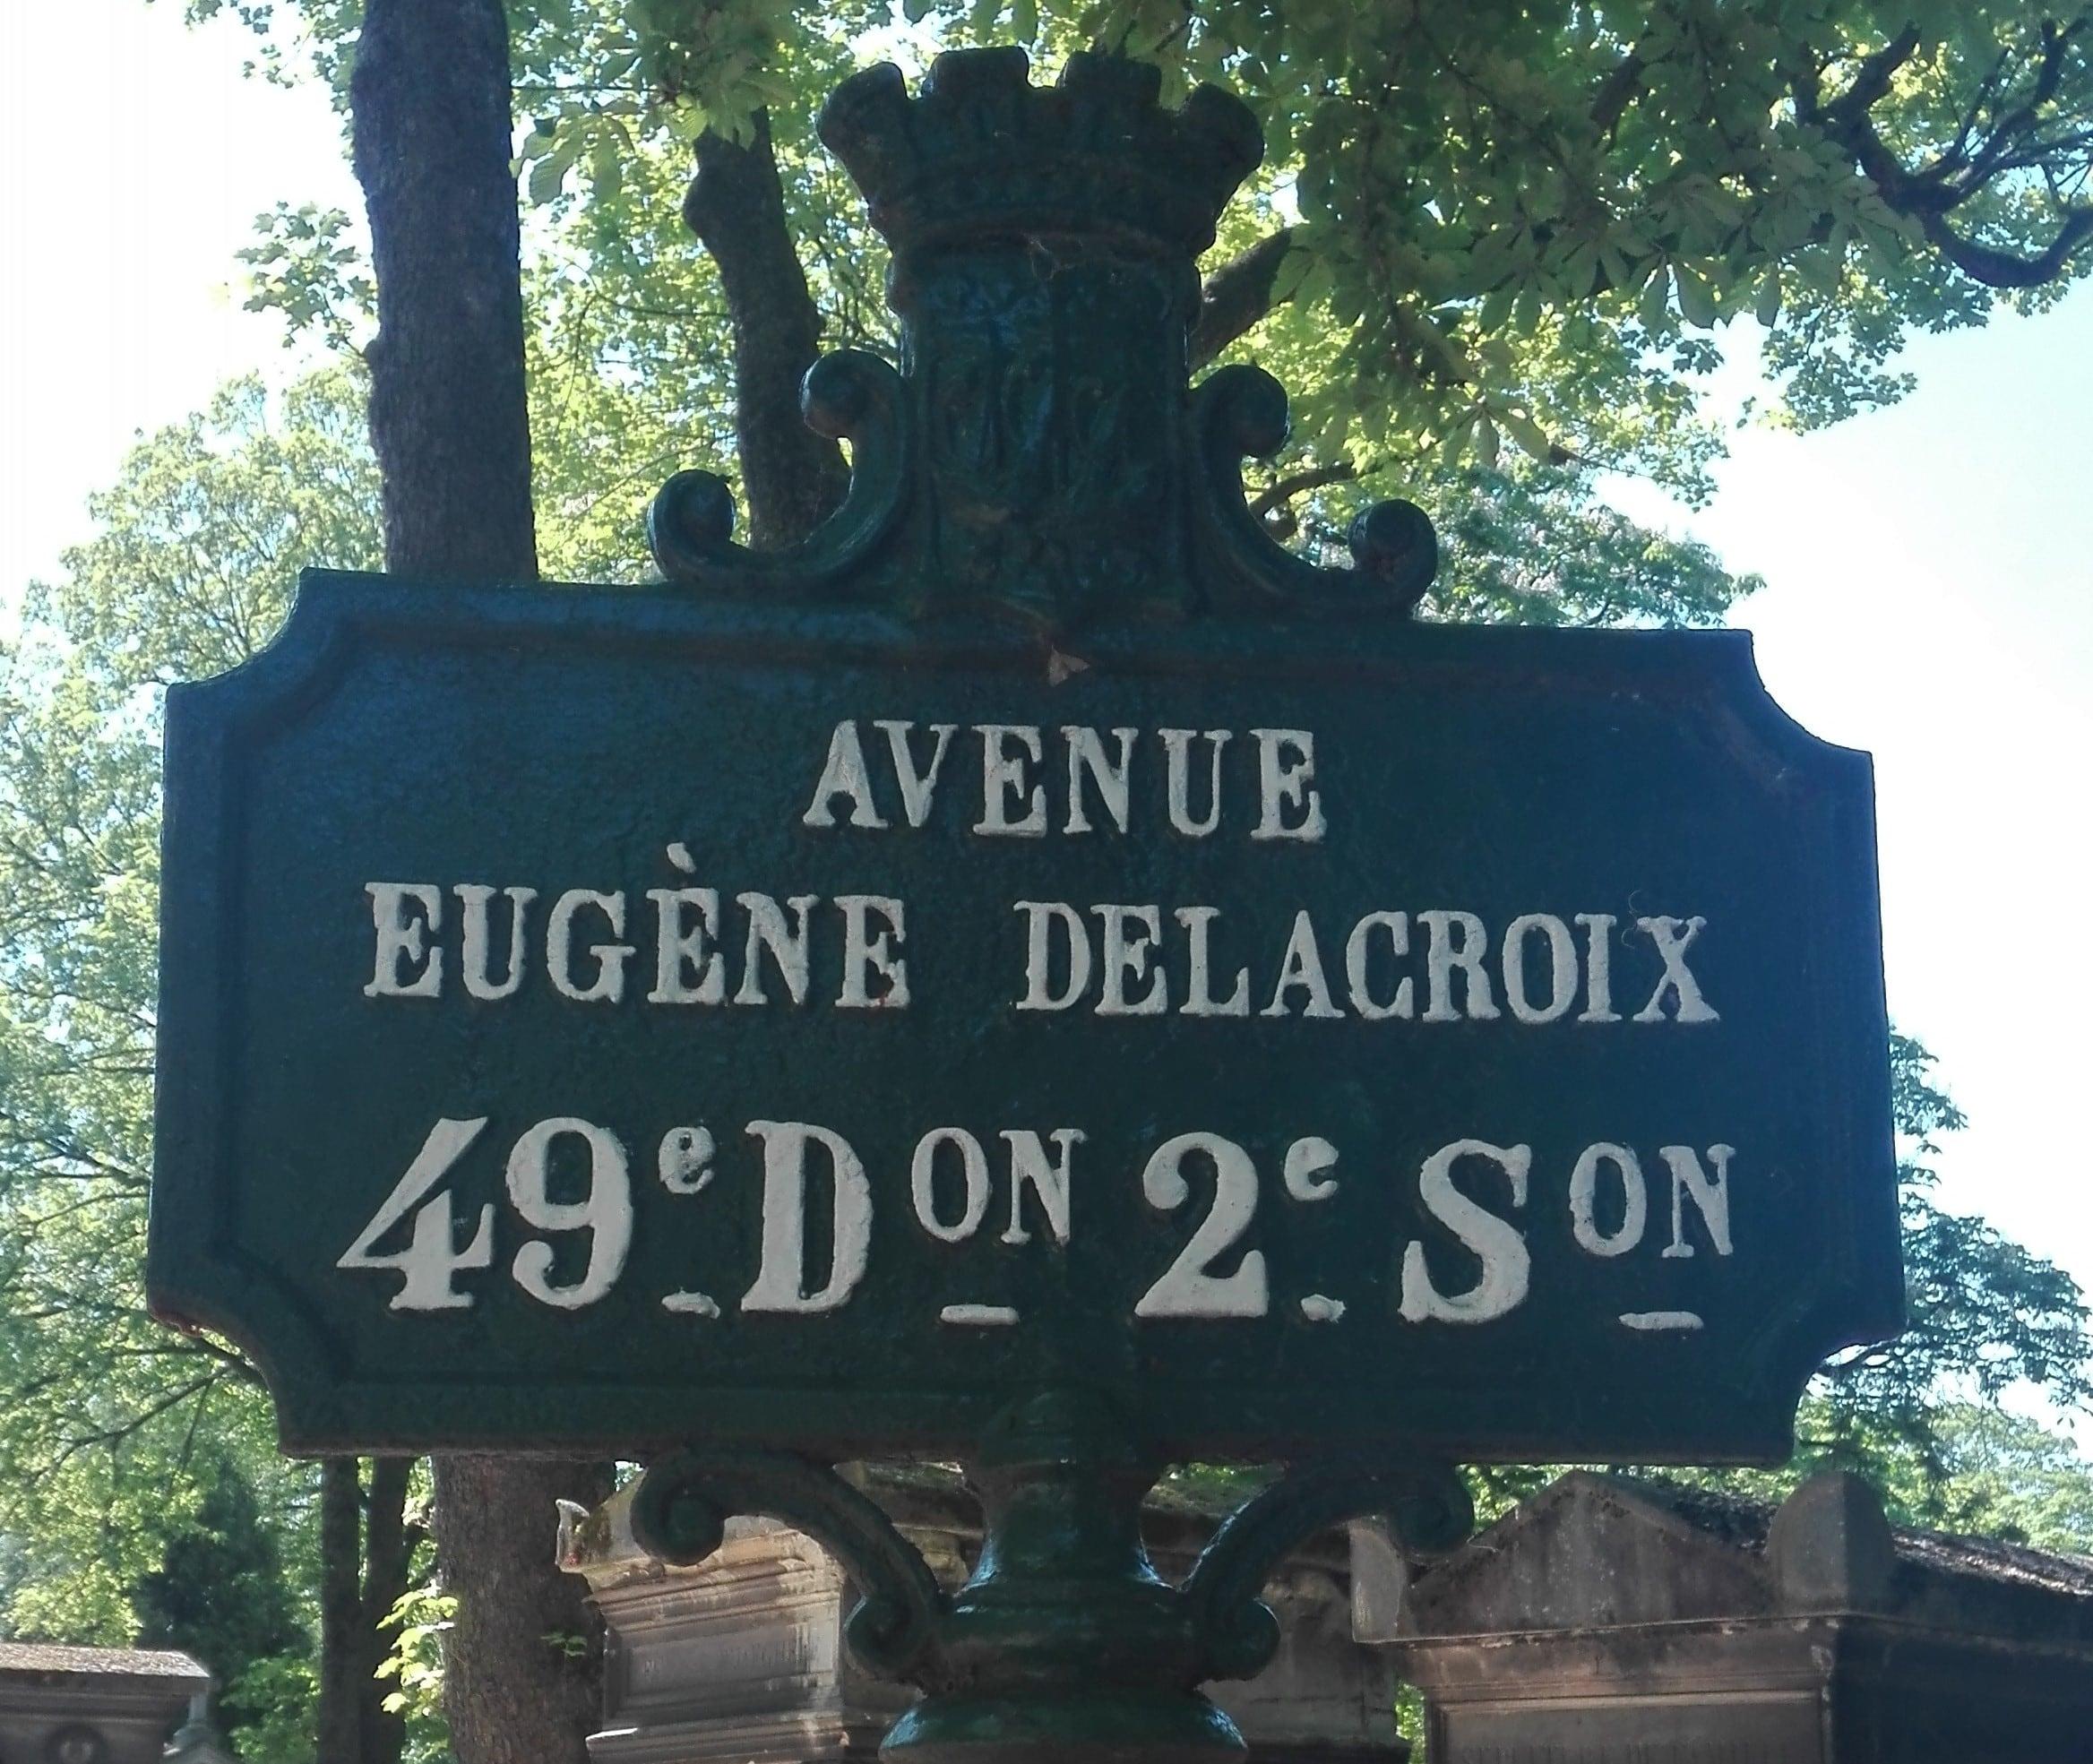 Avenue Eugene Delacroix_Cimetière du Pere Lachaise